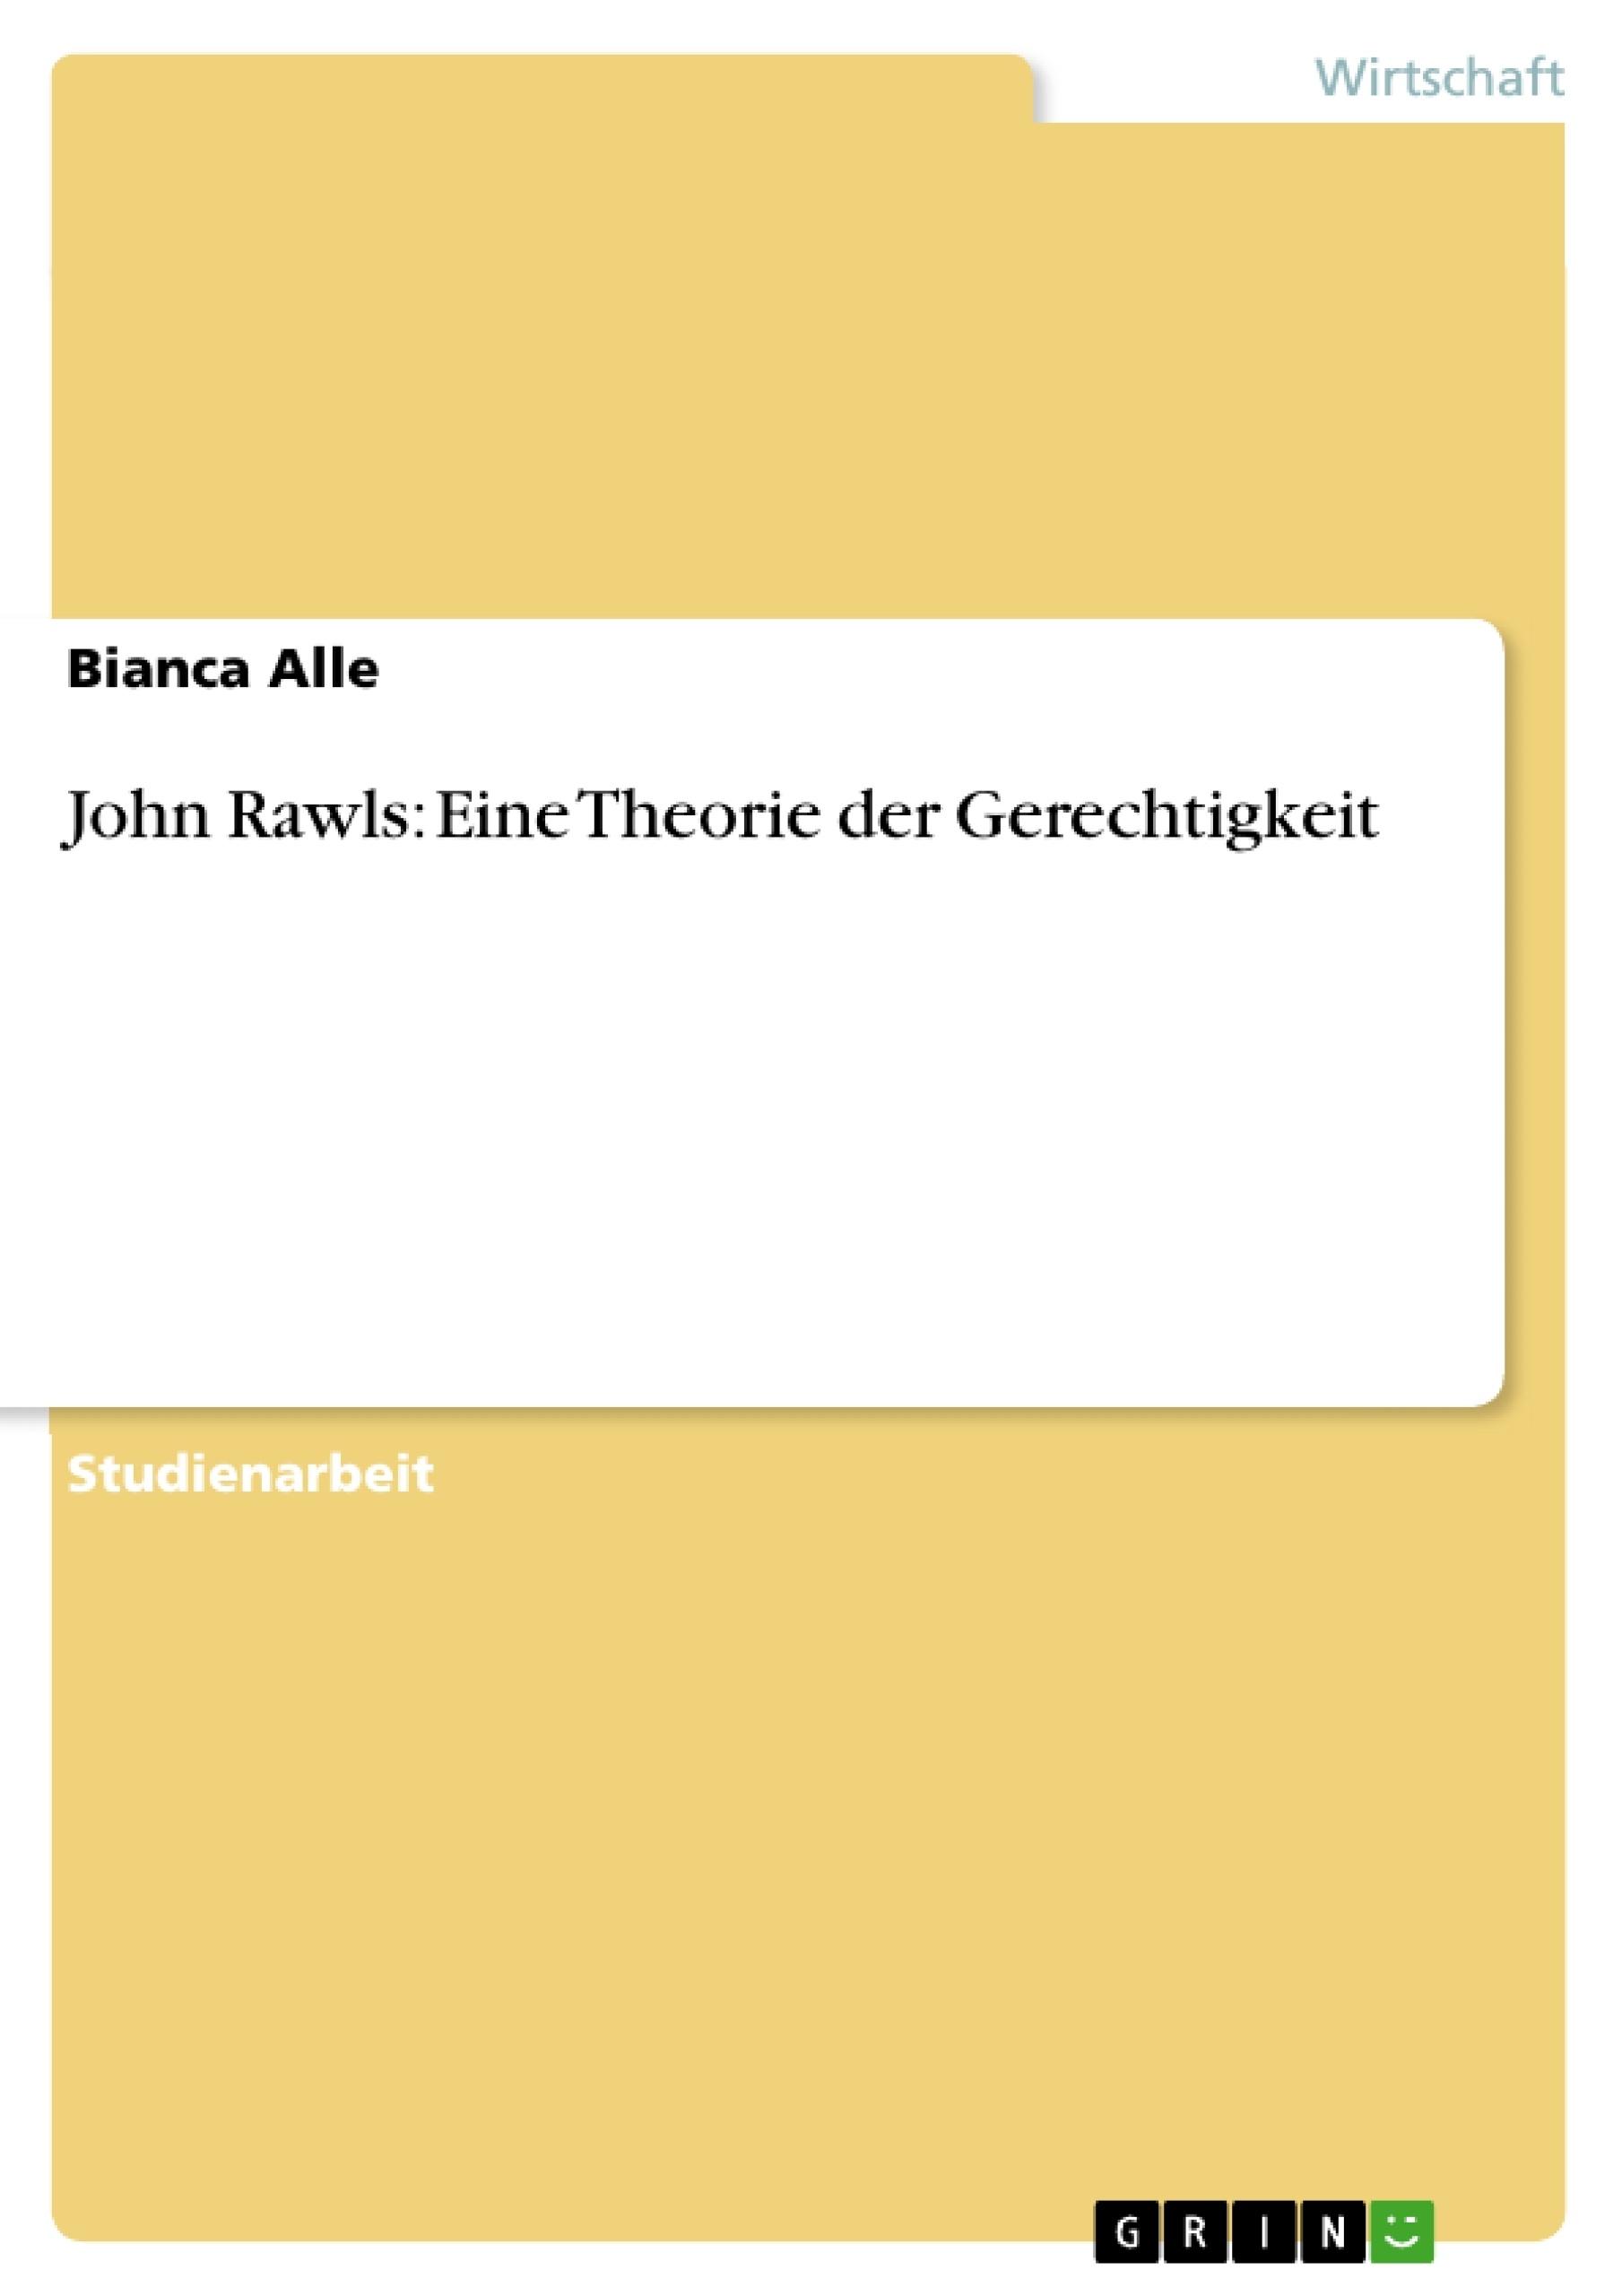 Titel: John Rawls: Eine Theorie der Gerechtigkeit